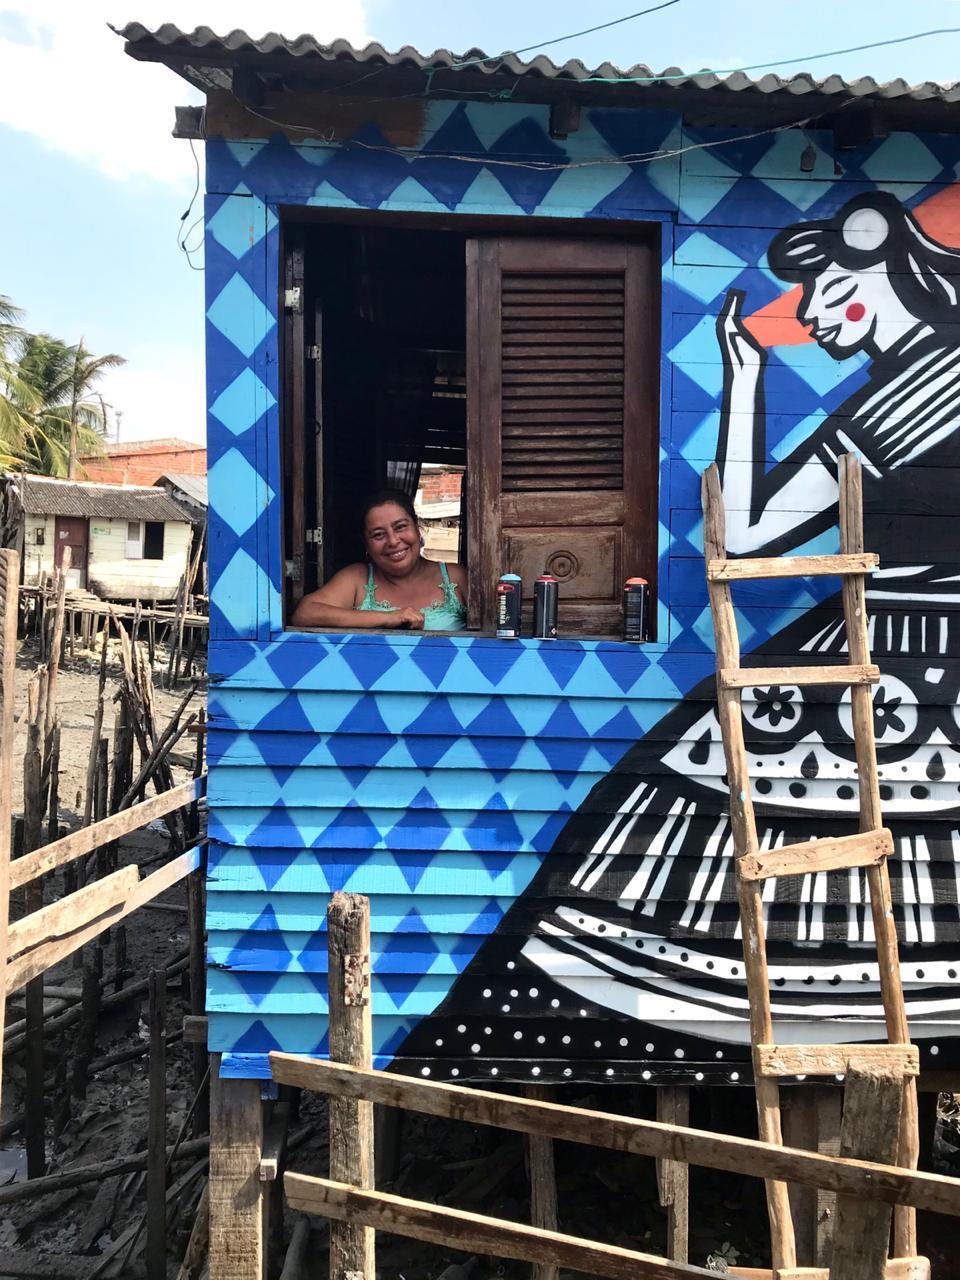 artistas grafitam casas madeira favela são luís maranhão